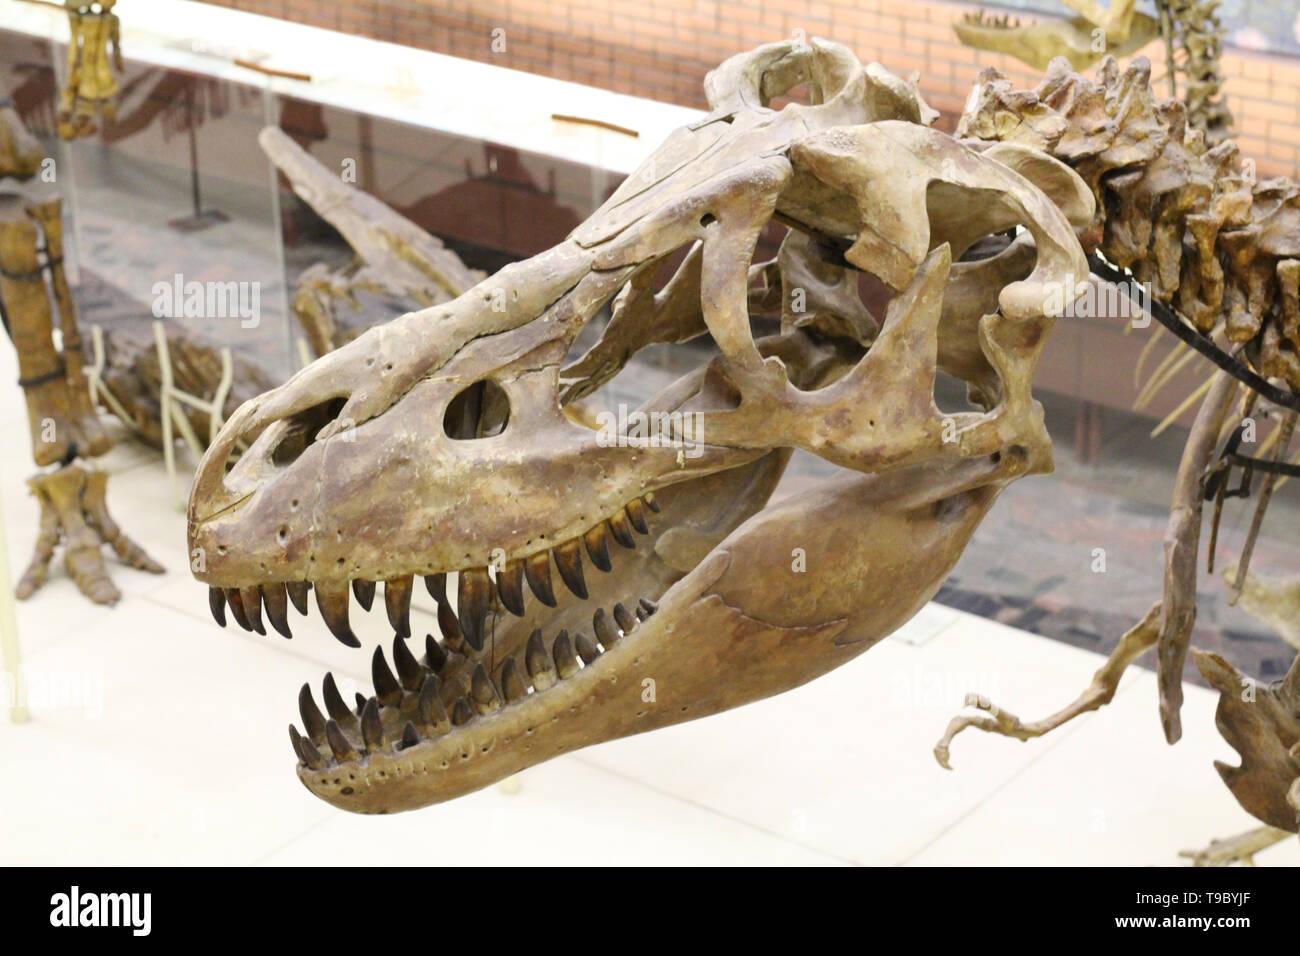 Moscú 05.12.2019: Museo Paleontológico. Cráneos y esqueletos de dinosaurios. Big head dinosaurio con dientes afilados. Paleontología Imagen De Stock